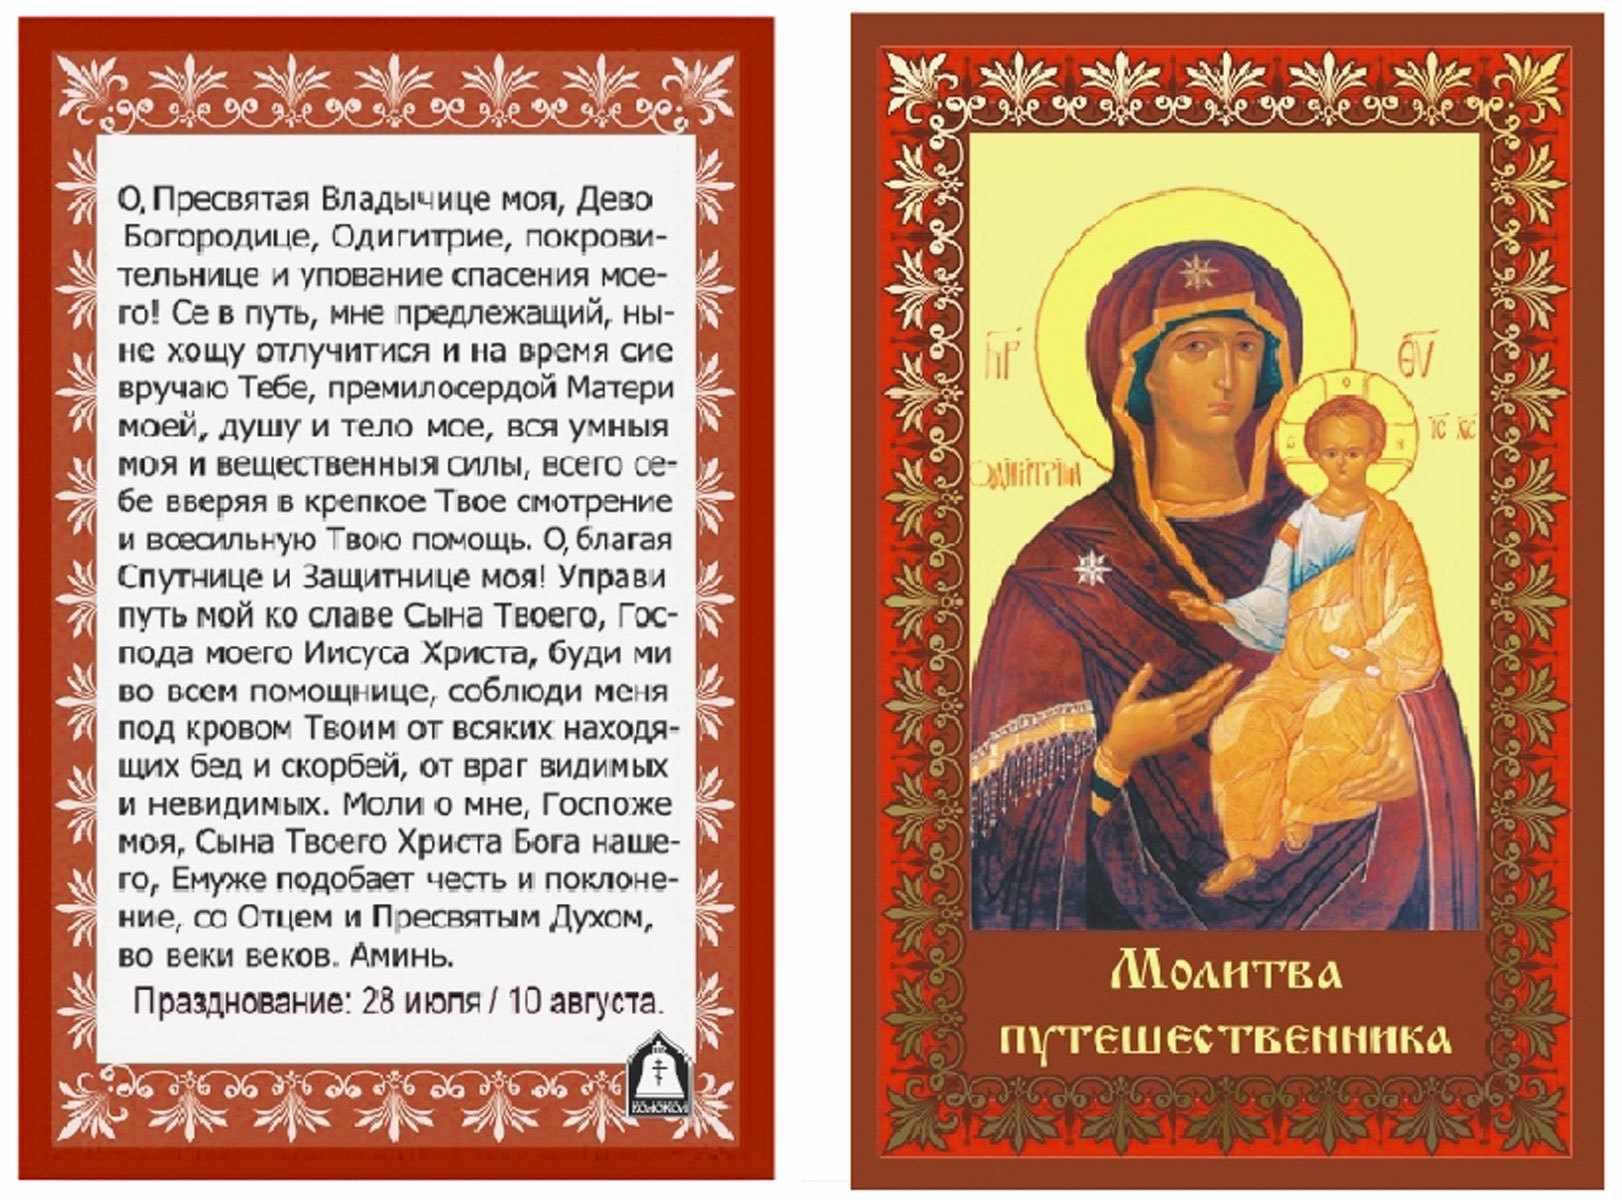 3063 Молитва путешественника - рисунок на шелке (МП)